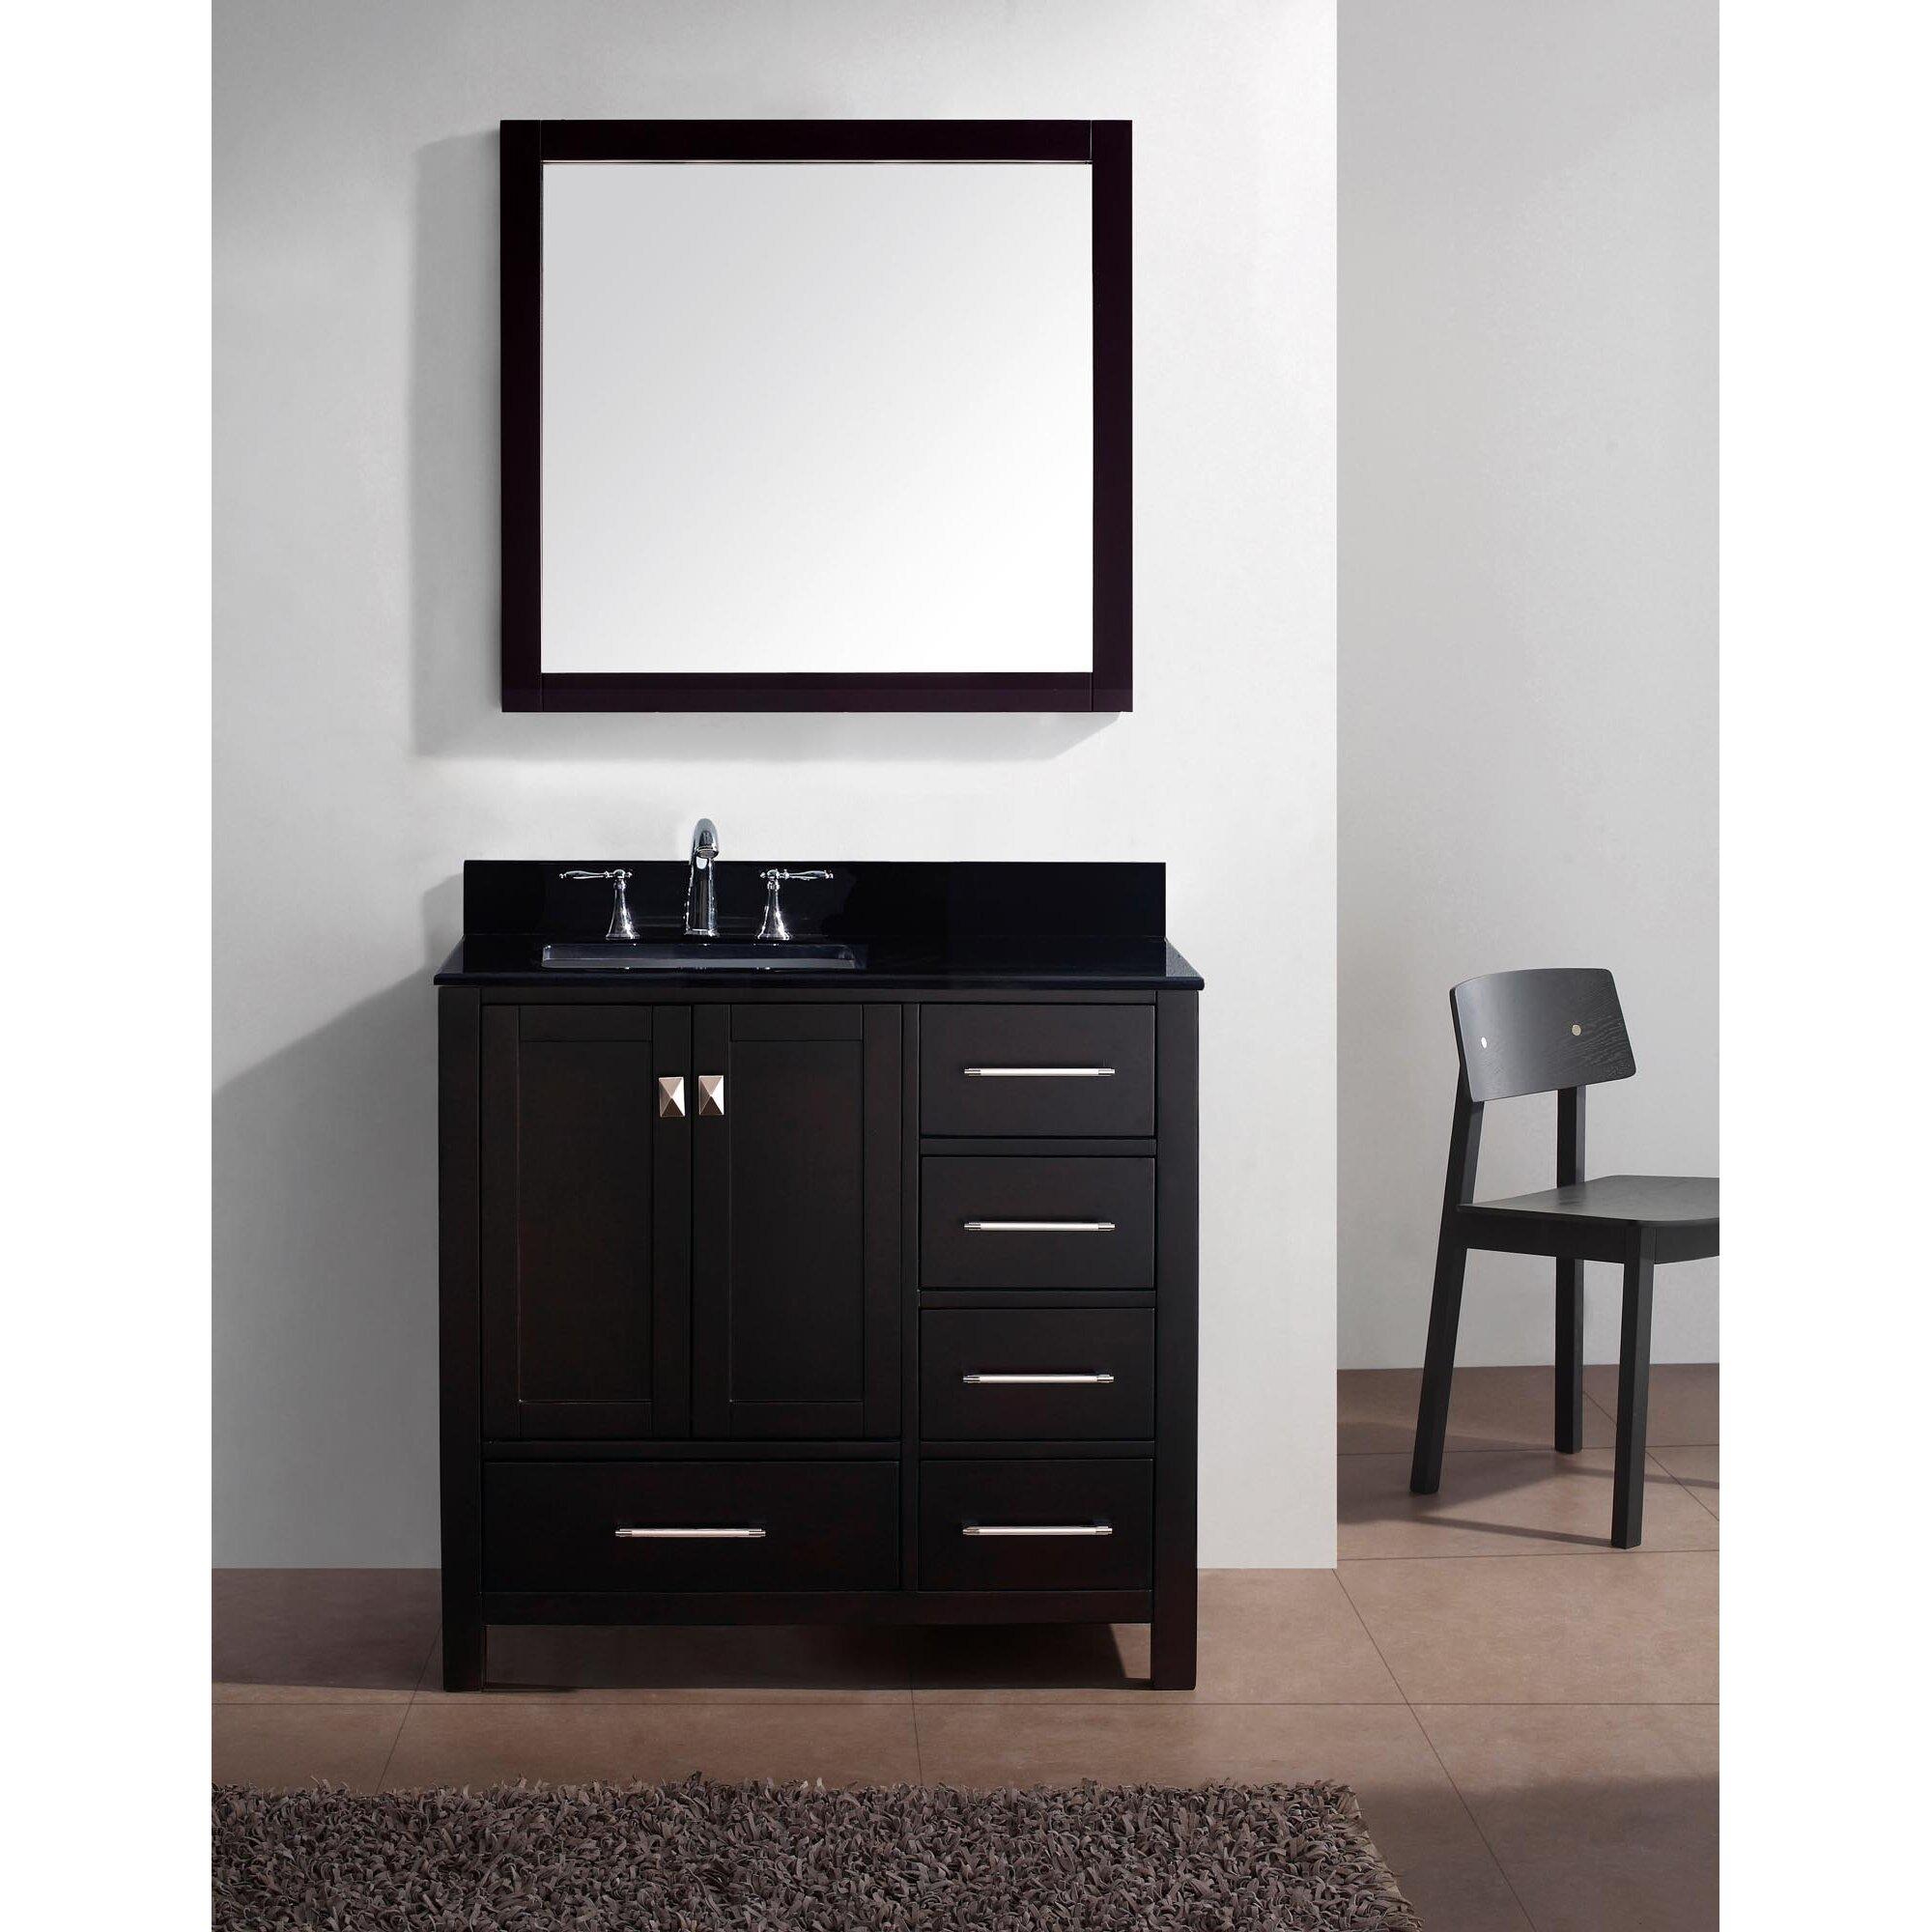 avenue 37 single bathroom vanity set with black galaxy top and mirror